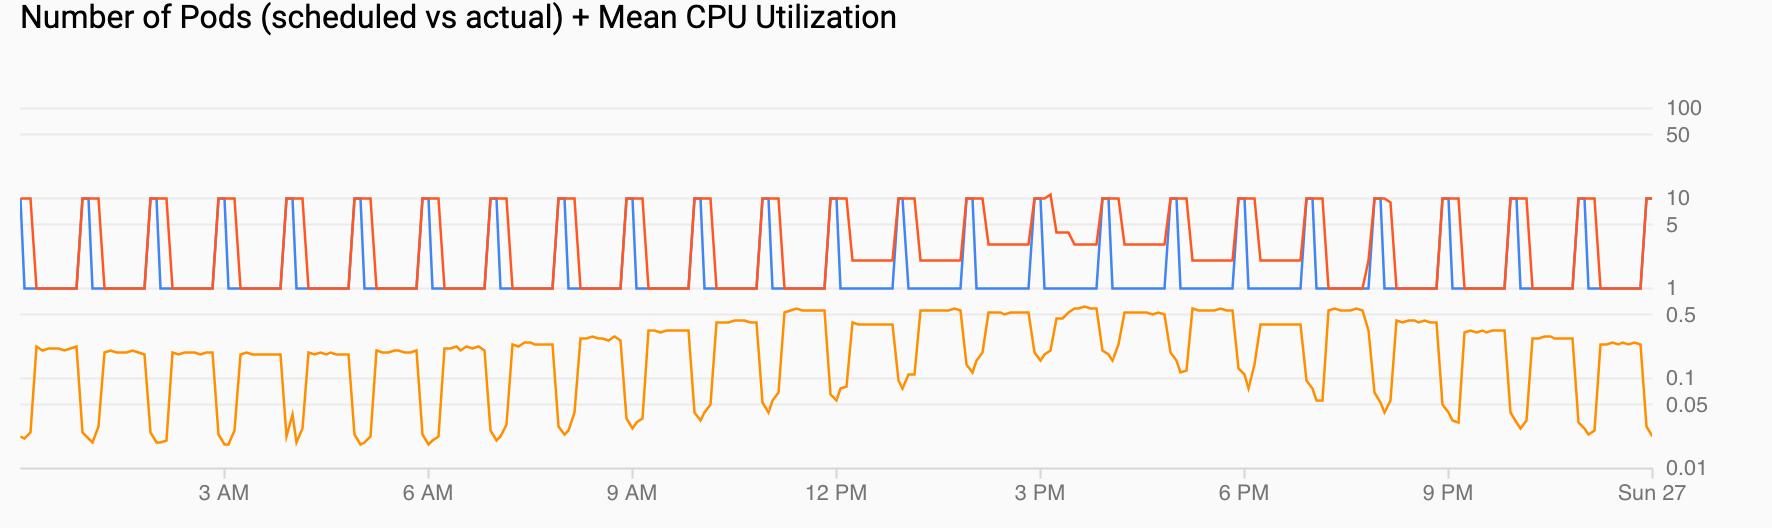 2gráficos. Uno muestra la demanda de Pods con un aumento repentino en la demanda por hora. El otro muestra que el uso de CPU aumenta y disminuye, pero se completa con el valor alto configurado.